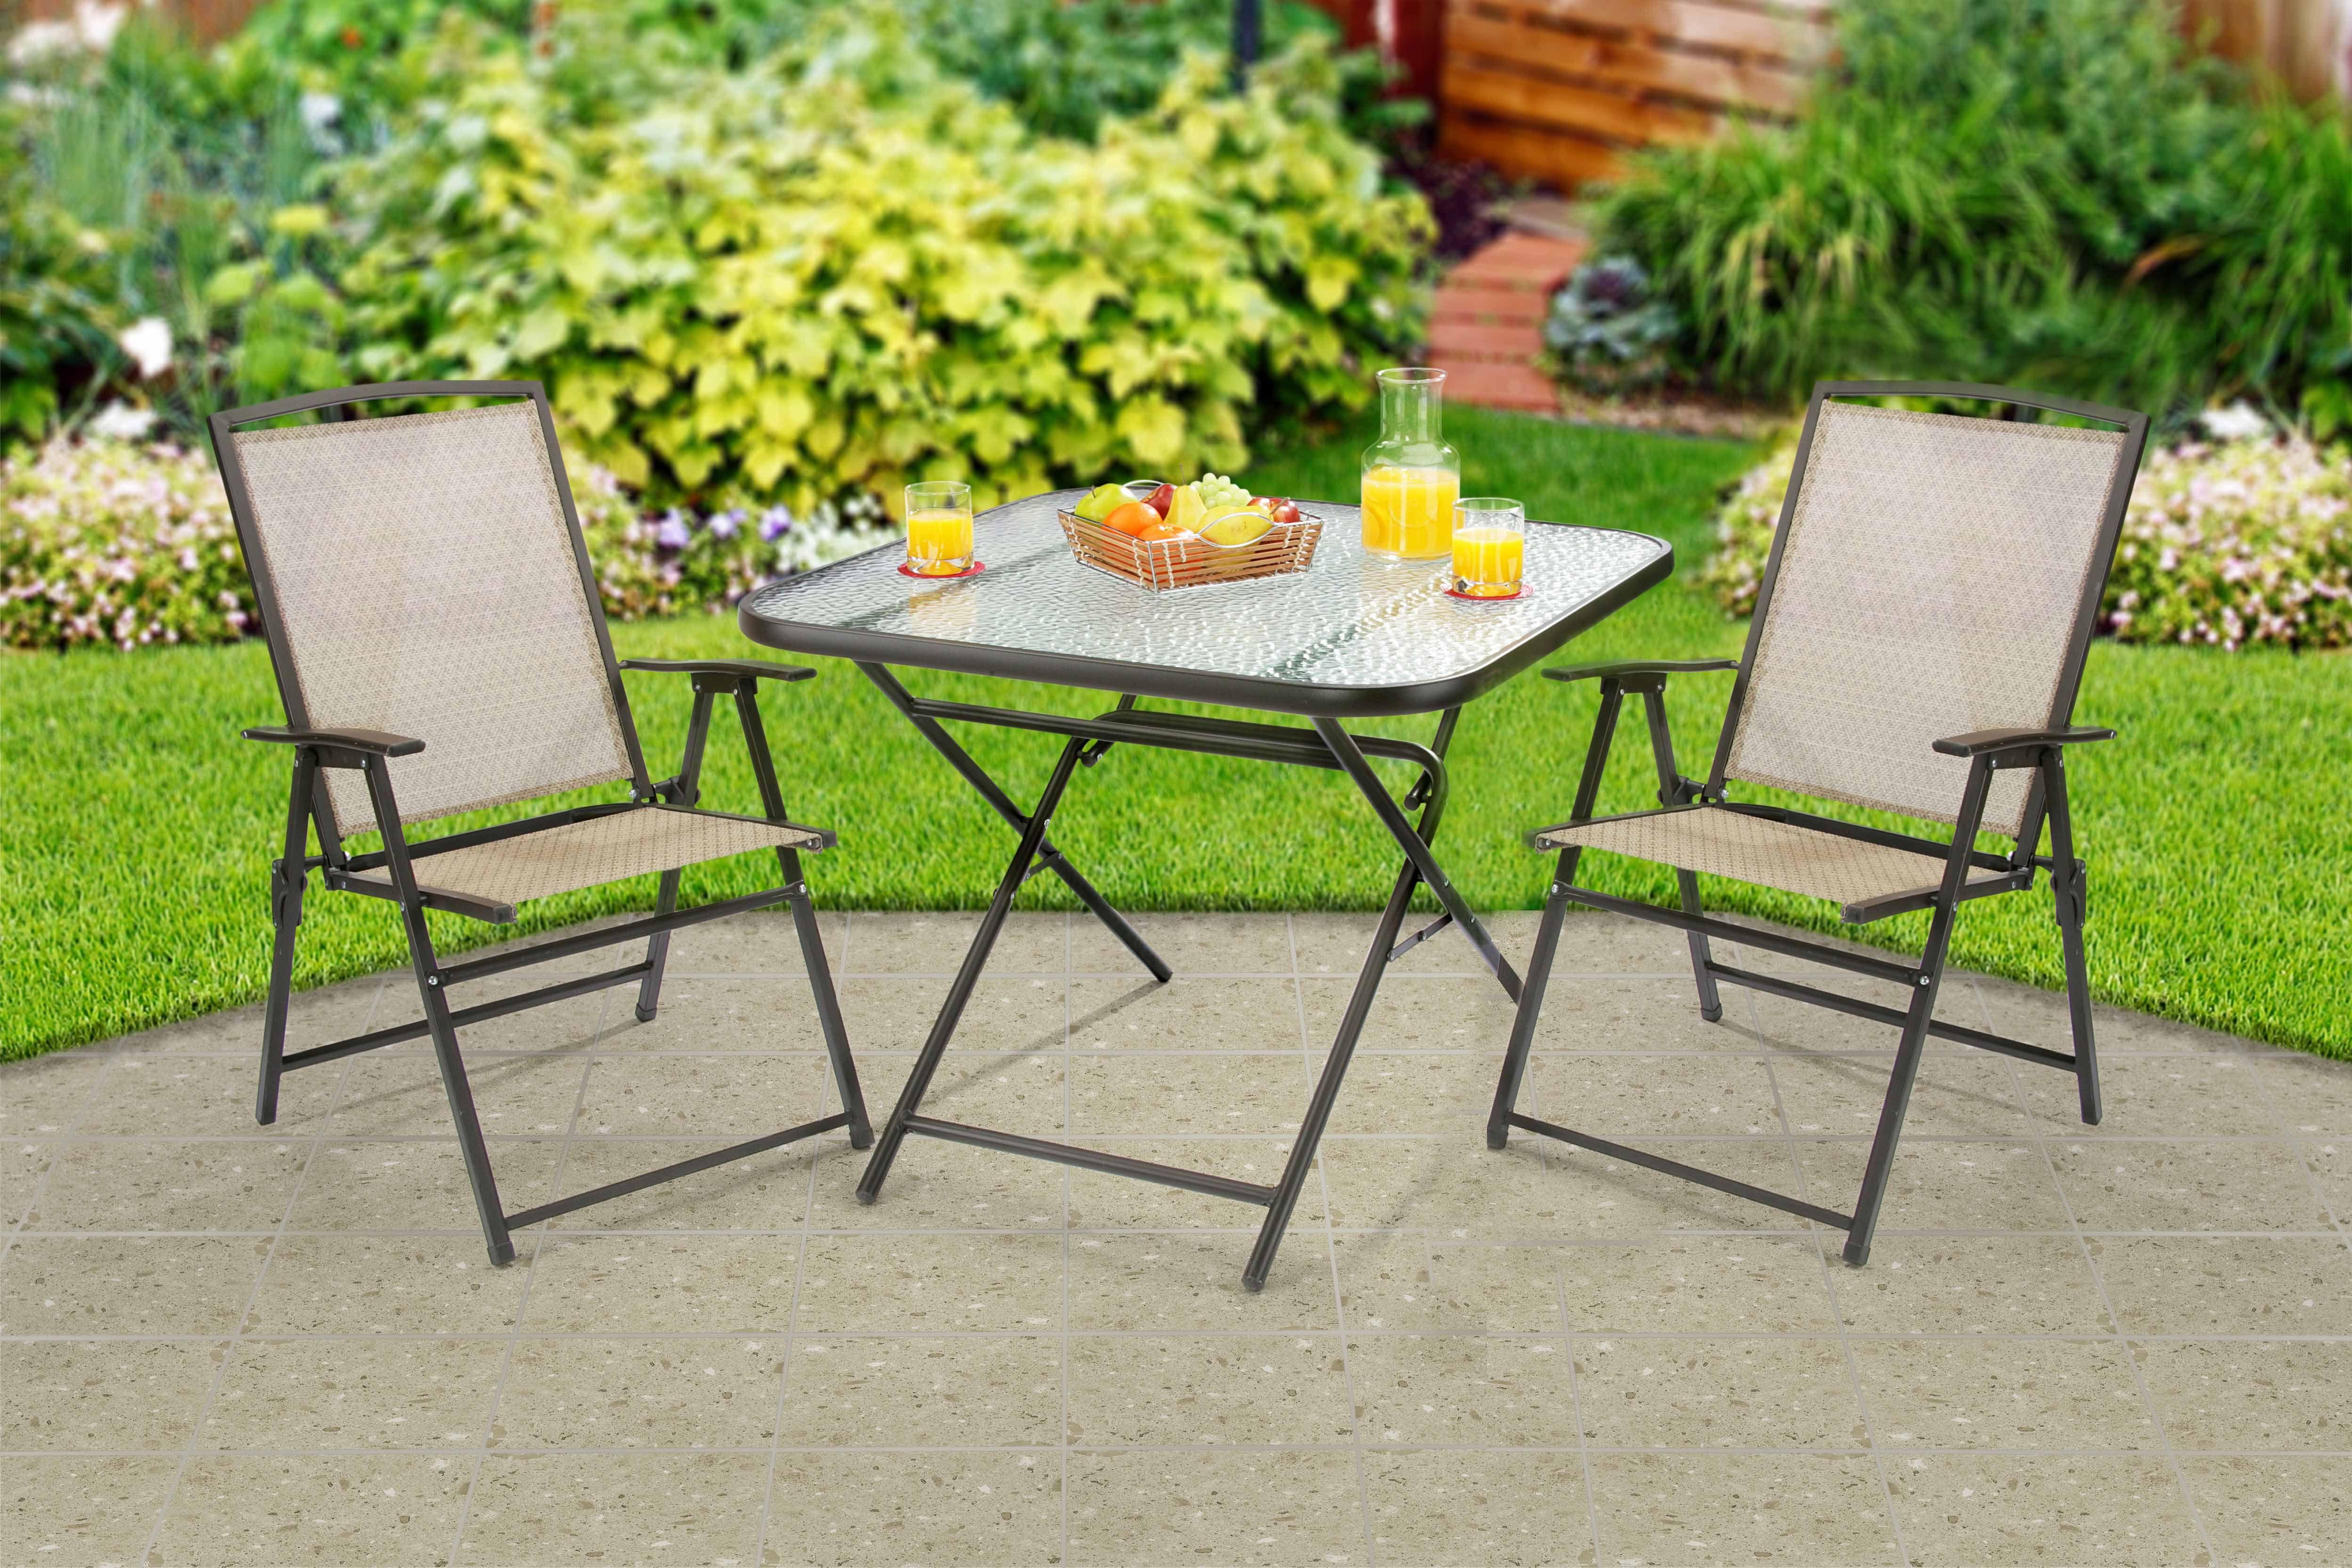 Mesa y sillas plegables para jardín. Muebles beige para jardín ...